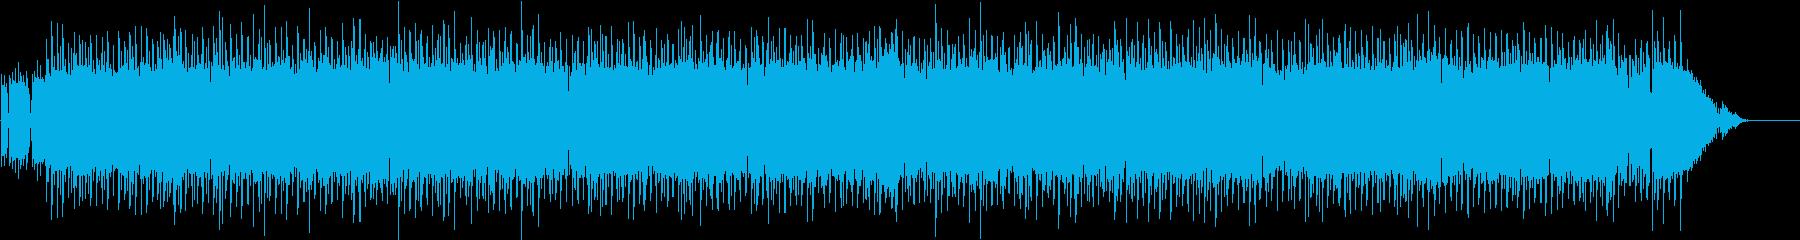 あやしい スピード 忙しい 軽快 謎の再生済みの波形